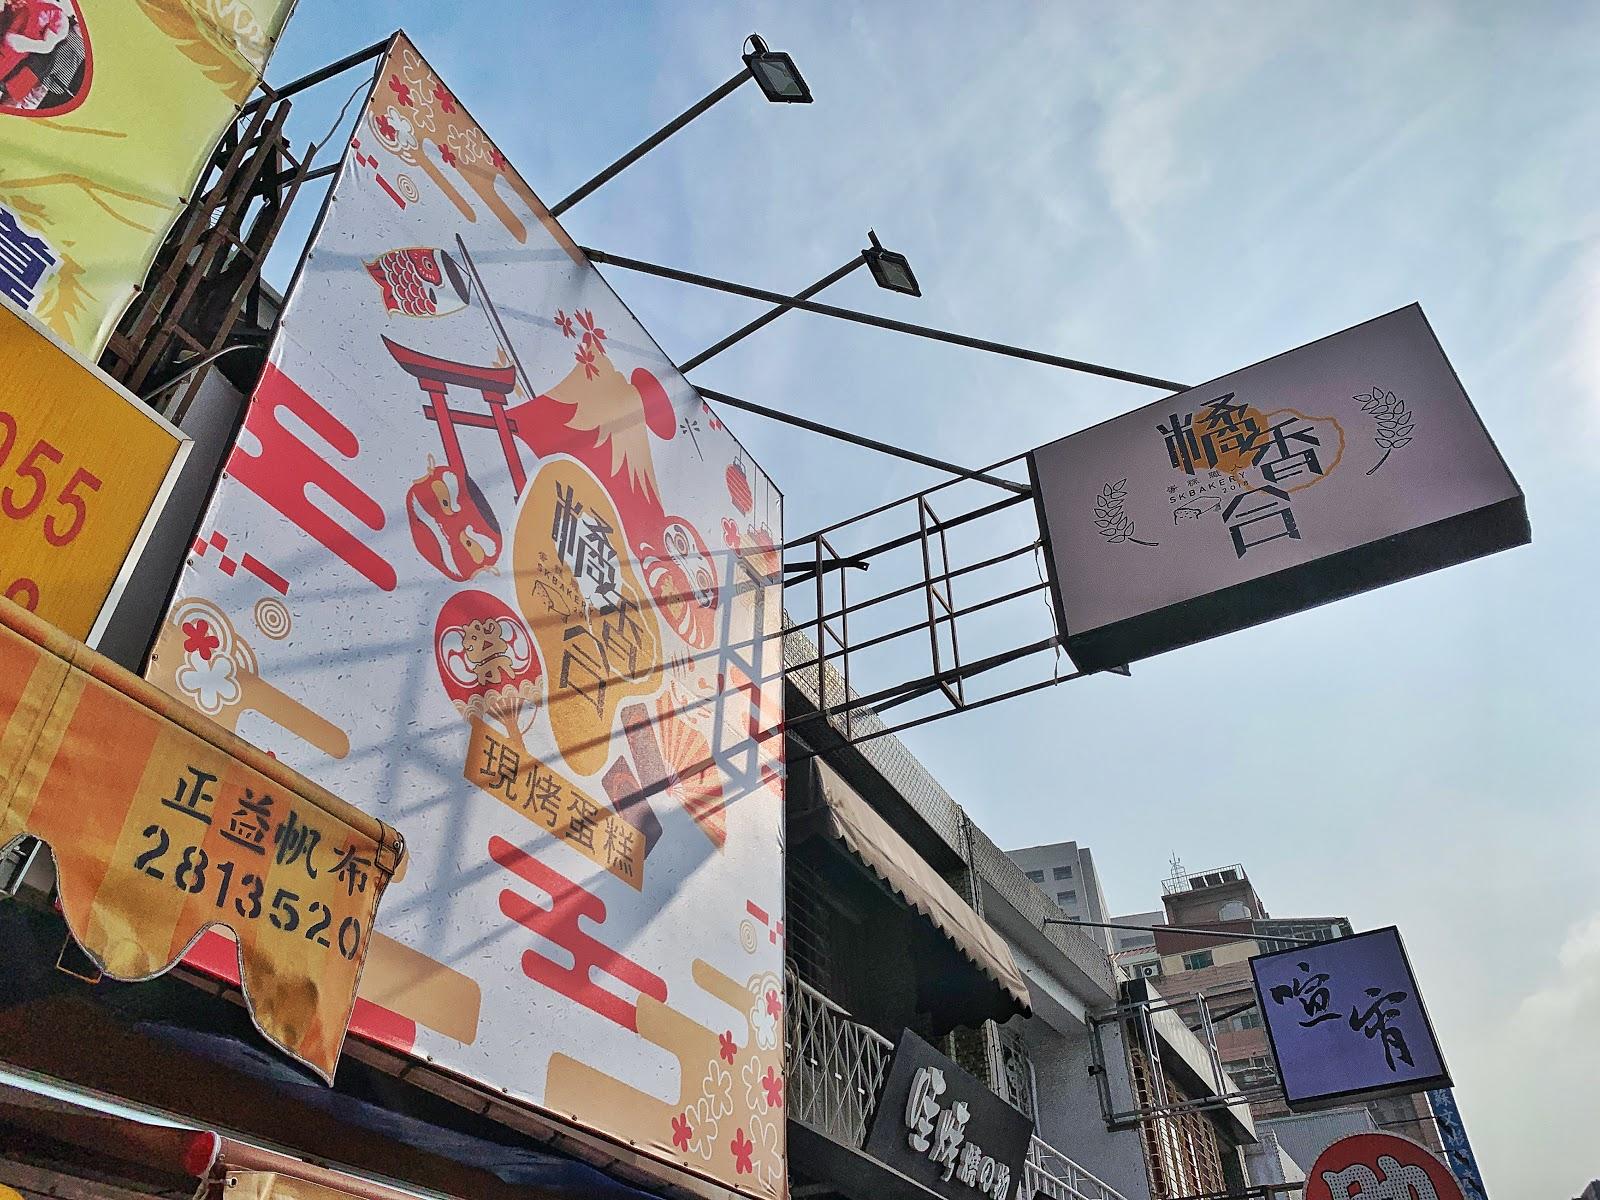 台南中西區美食【橘香合-蛋糕職人】店家外觀招牌